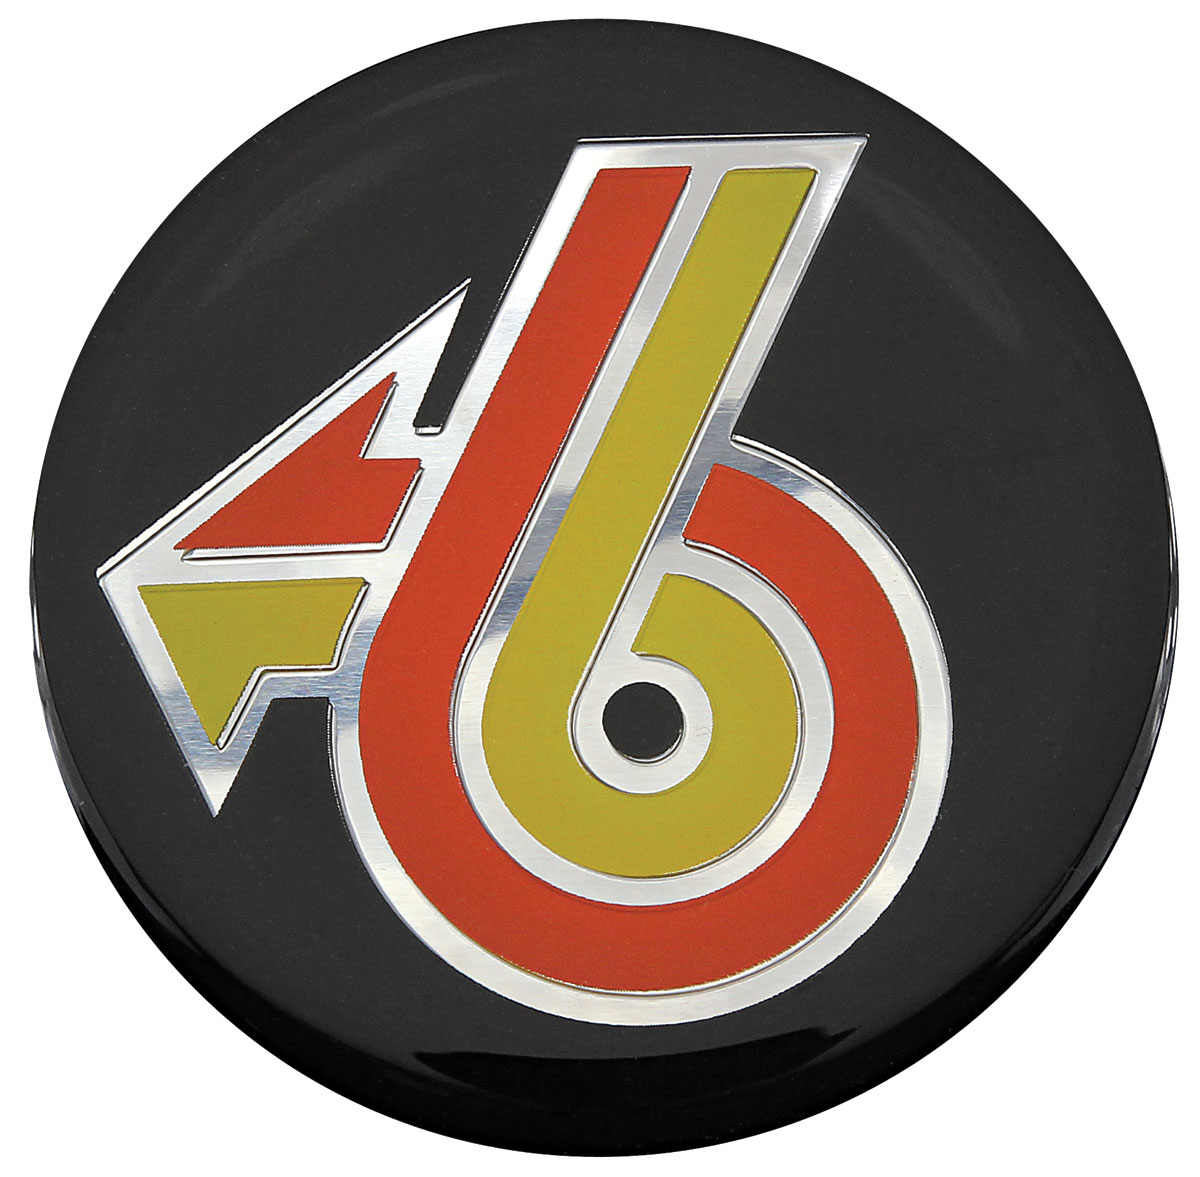 Emblem, Wheel Cap, 1984-87 GNX Alloy Wheel, Turbo-6